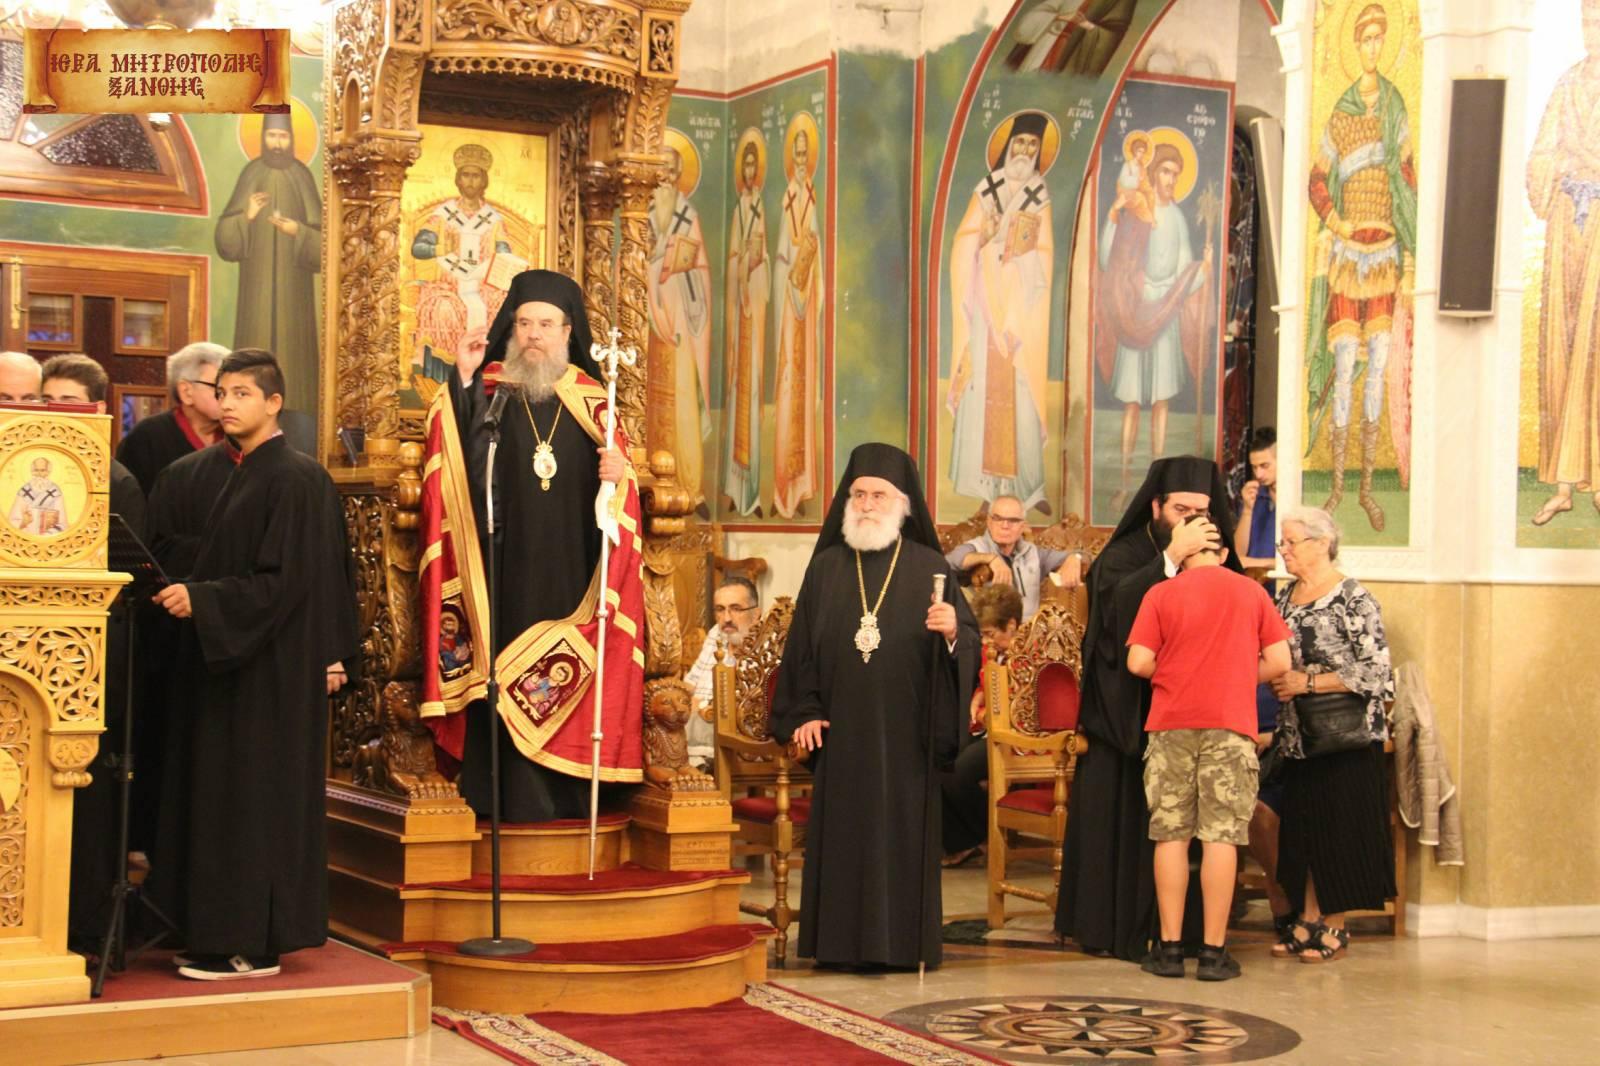 Φωτογραφίες από την υποδοχή της εικόνας της Παναγίας Αρχαγγελιωτισσης